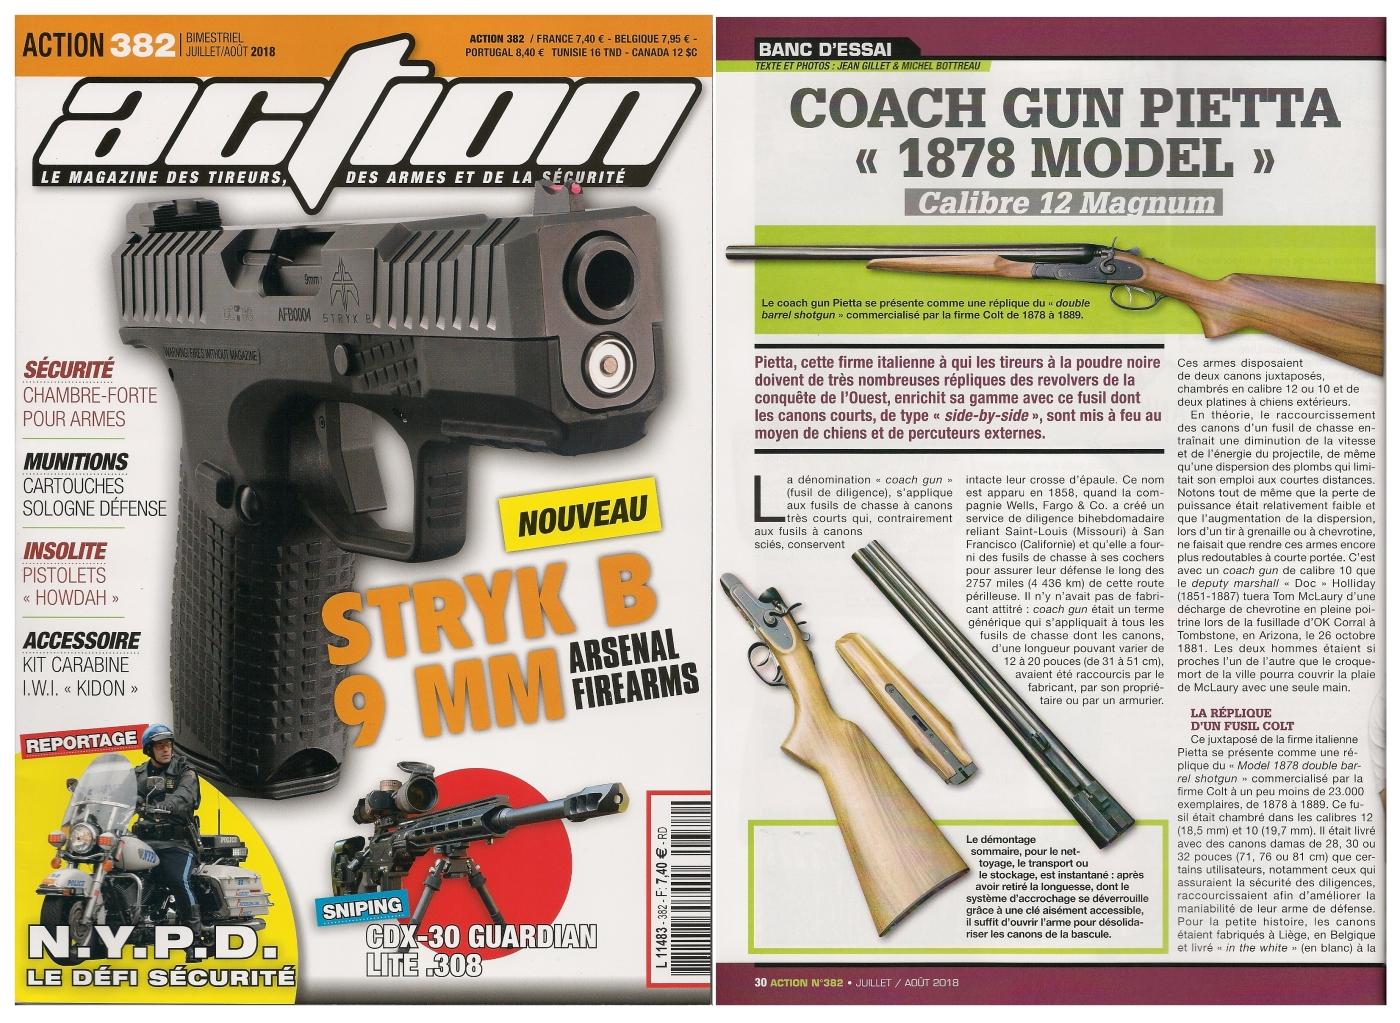 Le banc d'essai du coach gun Pietta modèle 1878 a été publié sur 5 pages dans le magazine Action n° 382 (juillet/août 2018).